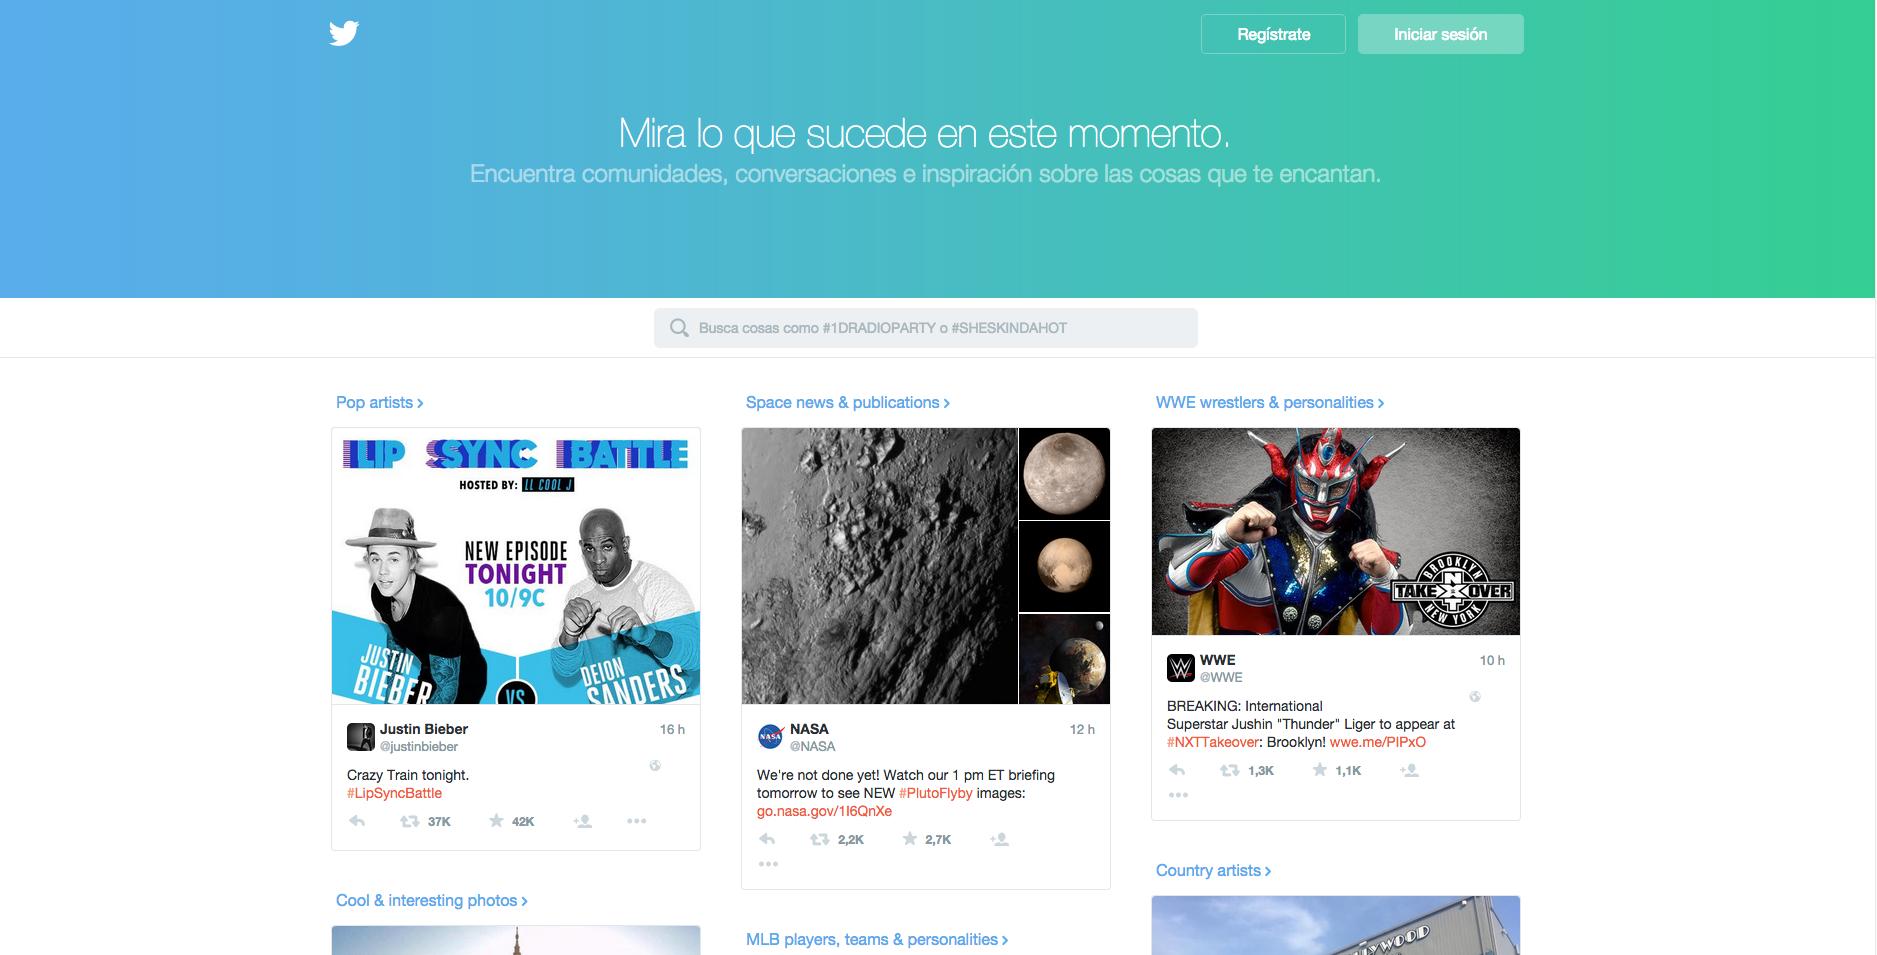 La nueva página de inicio de Twitter quiere atraer nuevos usuarios